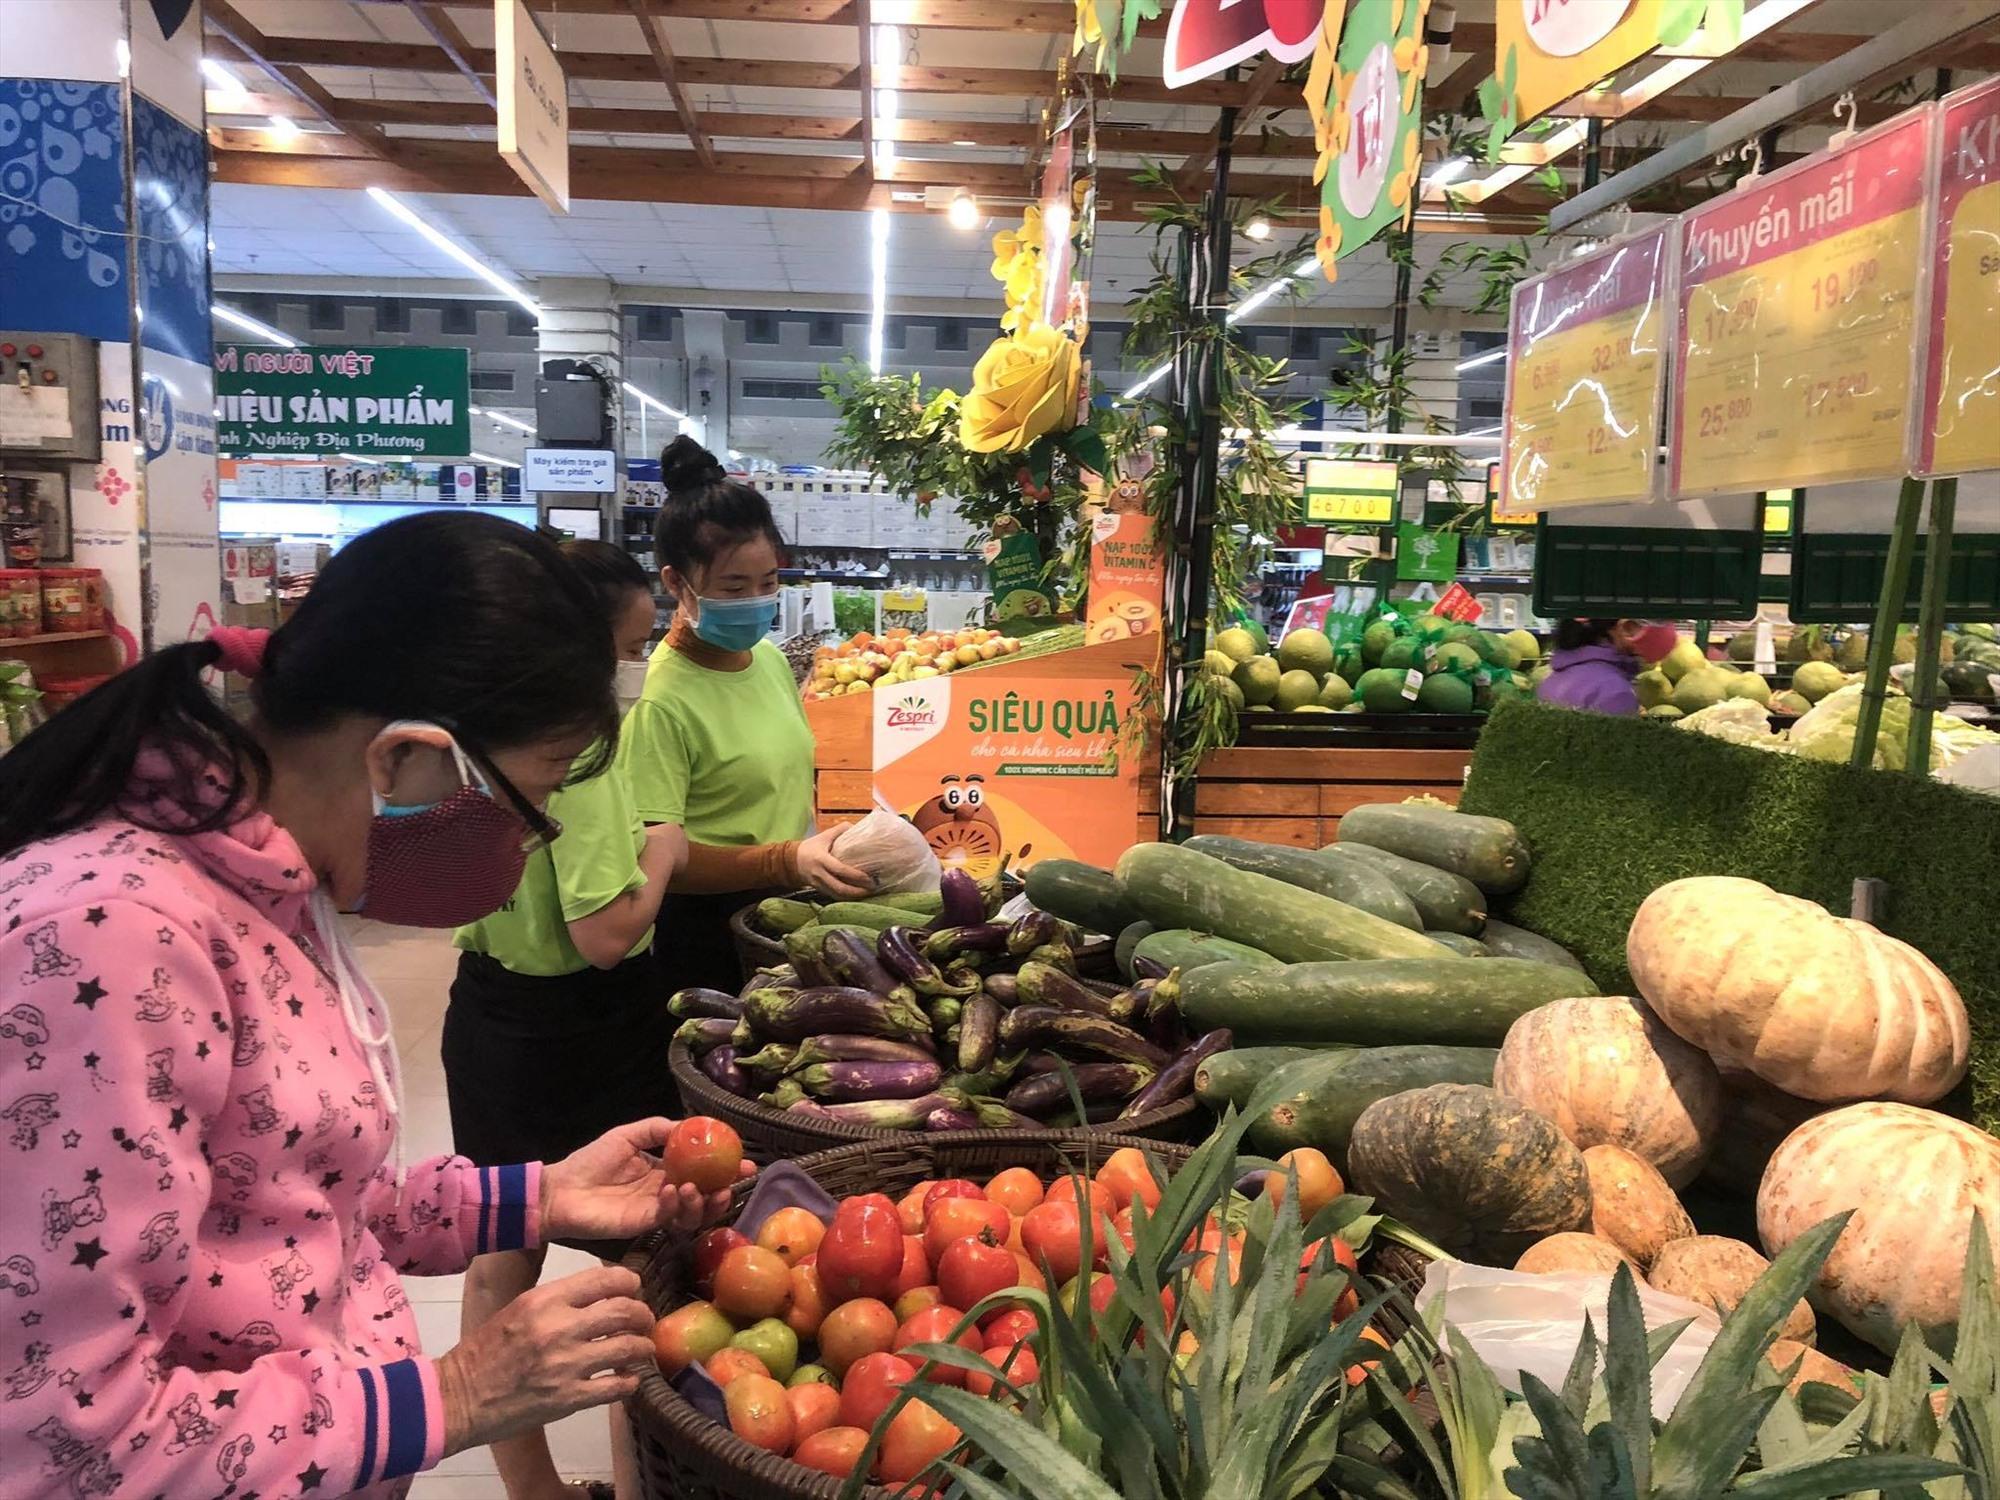 Hàng hóa thiết yếu đang được các siêu thị, chợ truyền thống chuẩn bị, đảm bảo cung ứng trong trường hợp dịch diễn biến phức tạp. Ảnh: V.LỘC